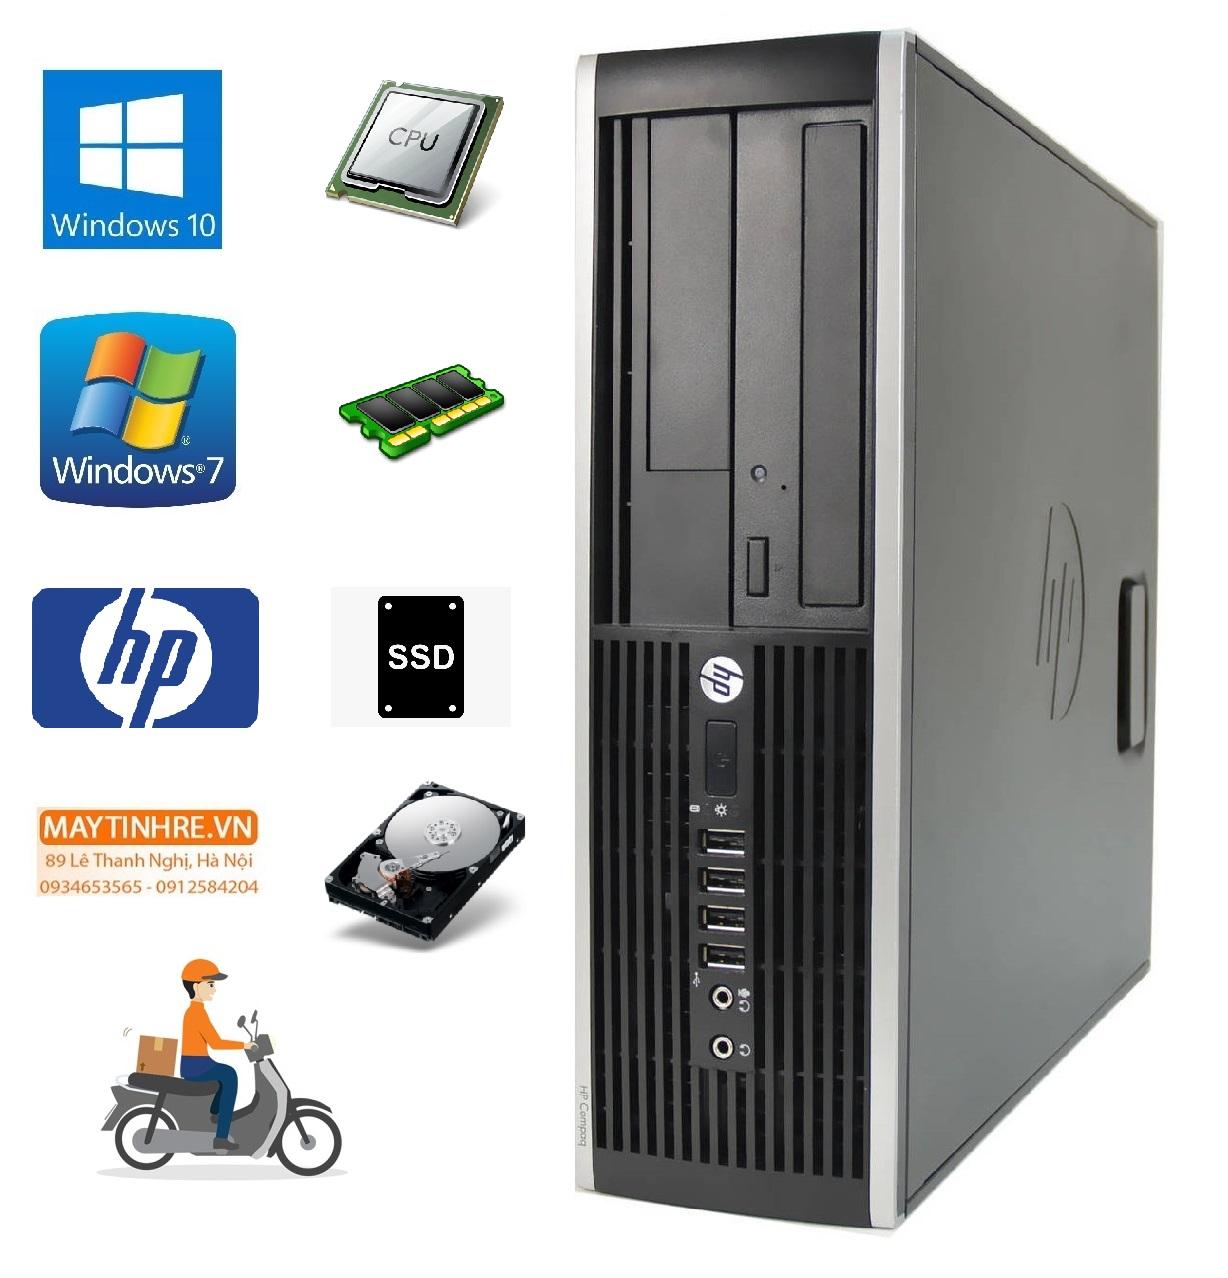 Máy tính đồng bộ HP Compaq 6200 Intel G620 RAM 2GB HDD 160GB + Tặng kèm bộ bàn phím chuột Gipco